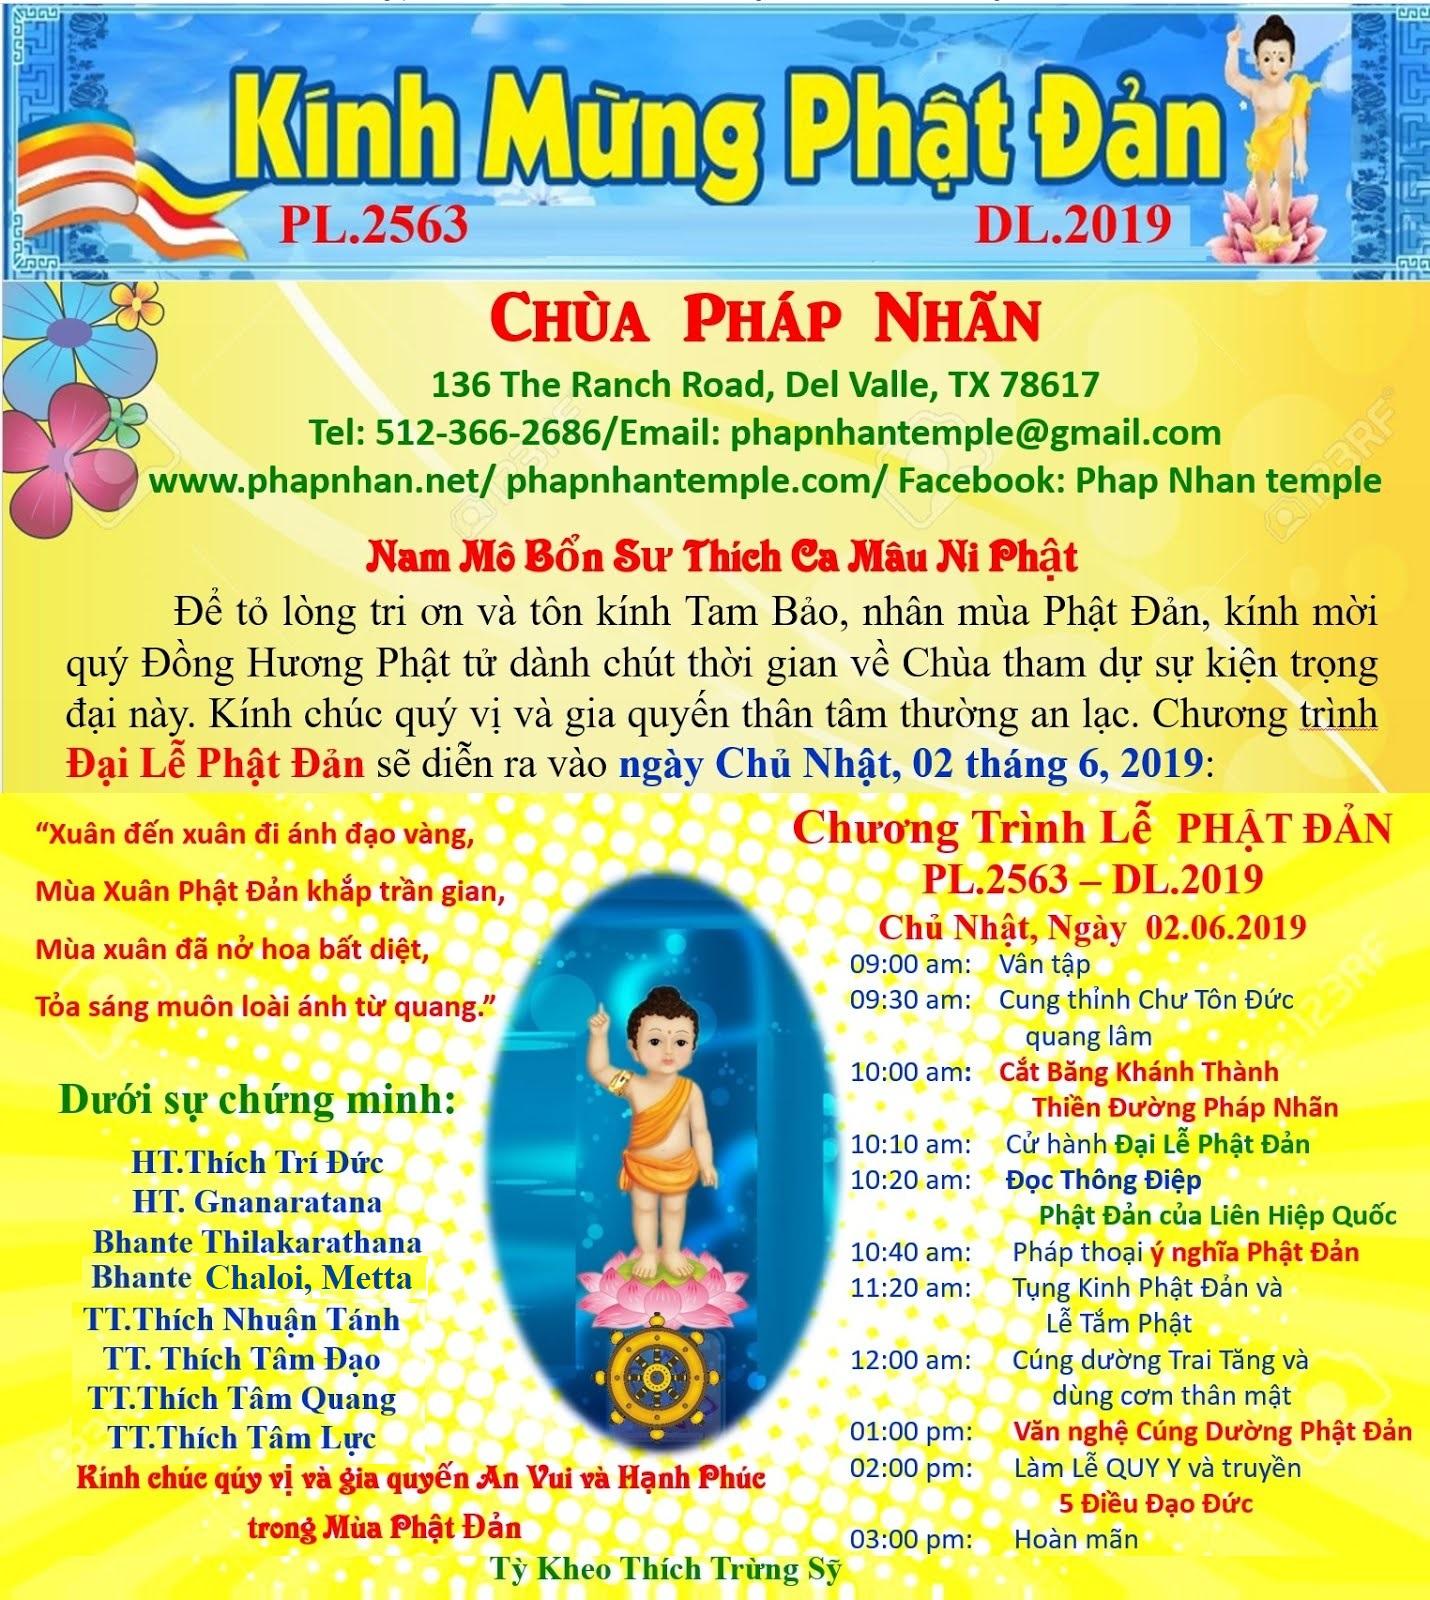 Phat Dan 2019 poster